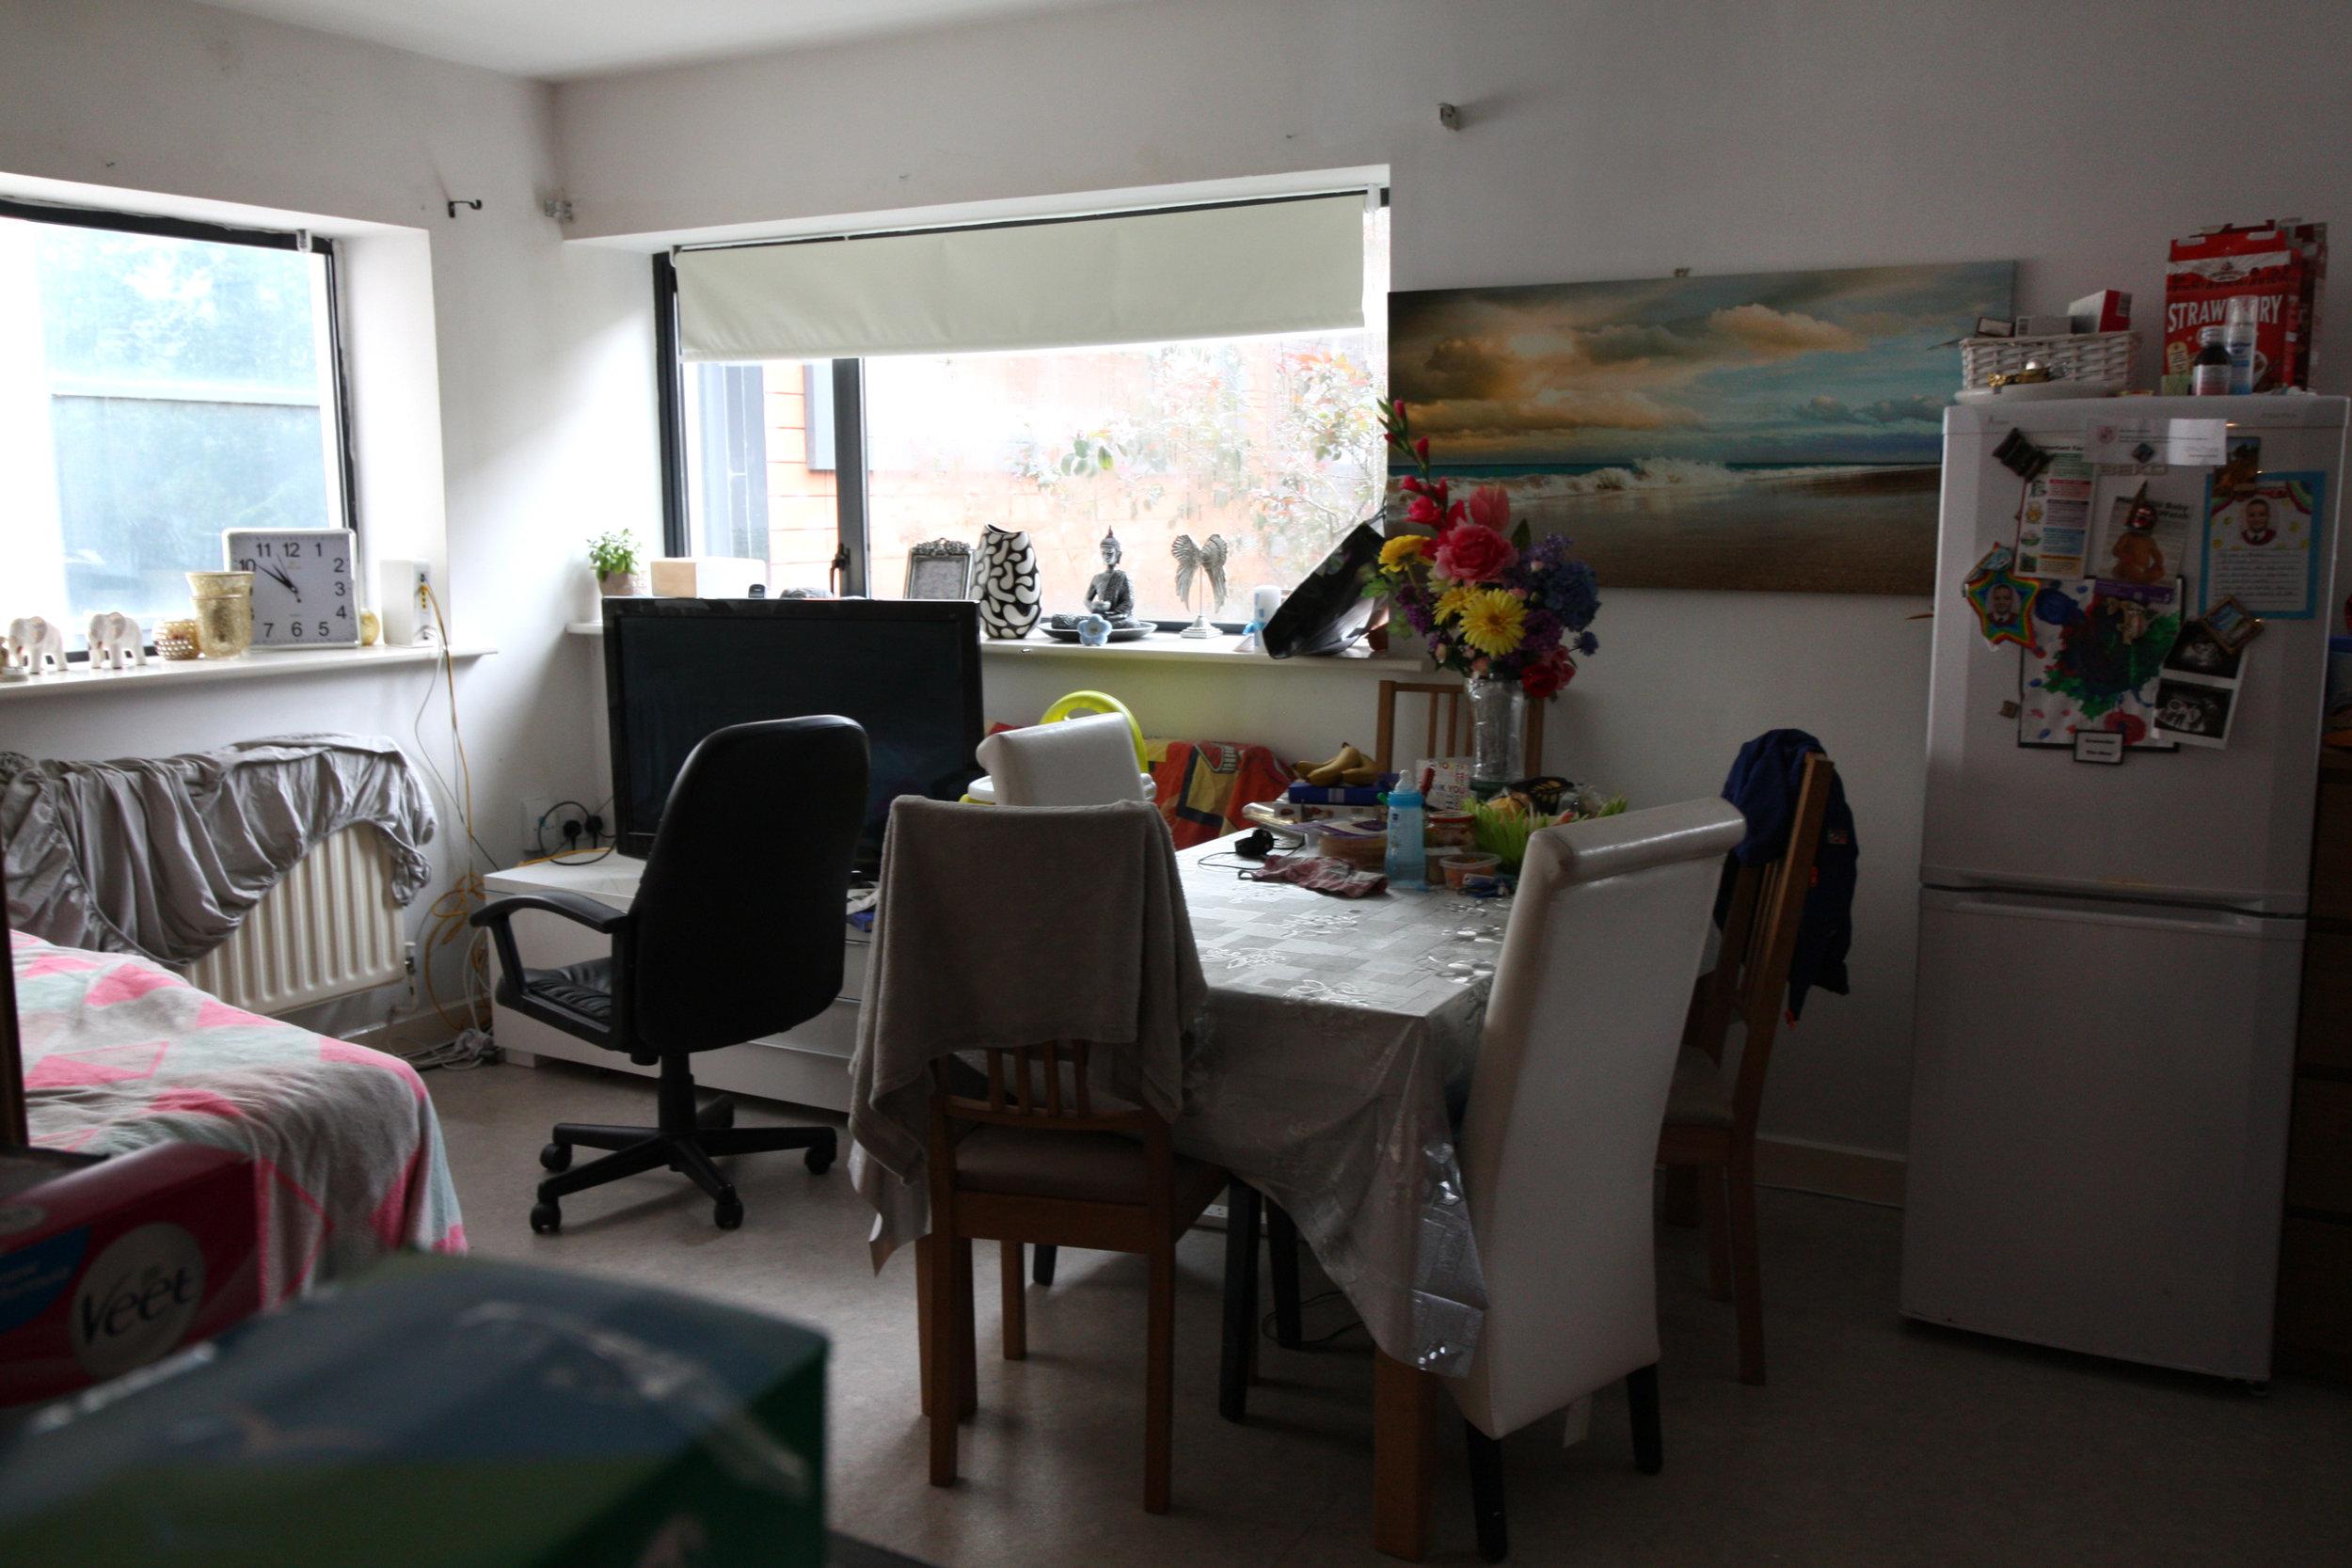 HR - Dublin 1 - Before - Living Room Kitchen 1.jpg